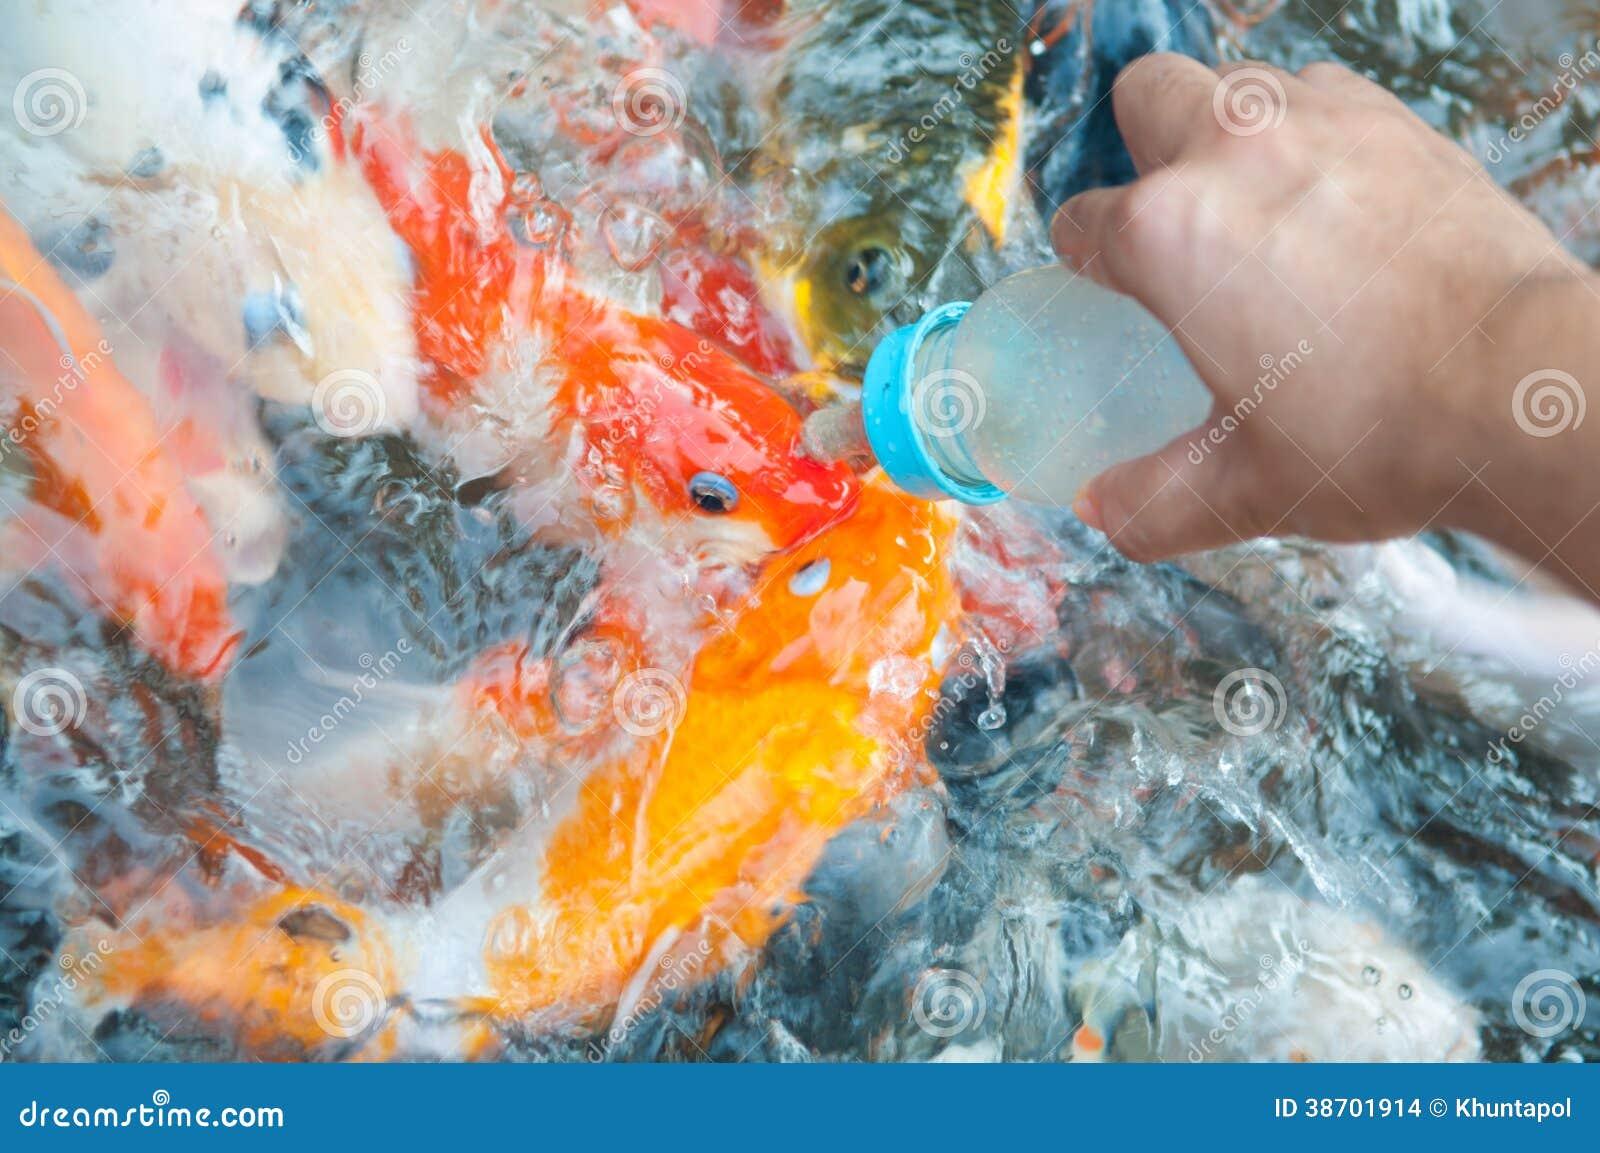 Feeding Koi Fish With Milk Bottle Stock Images Image